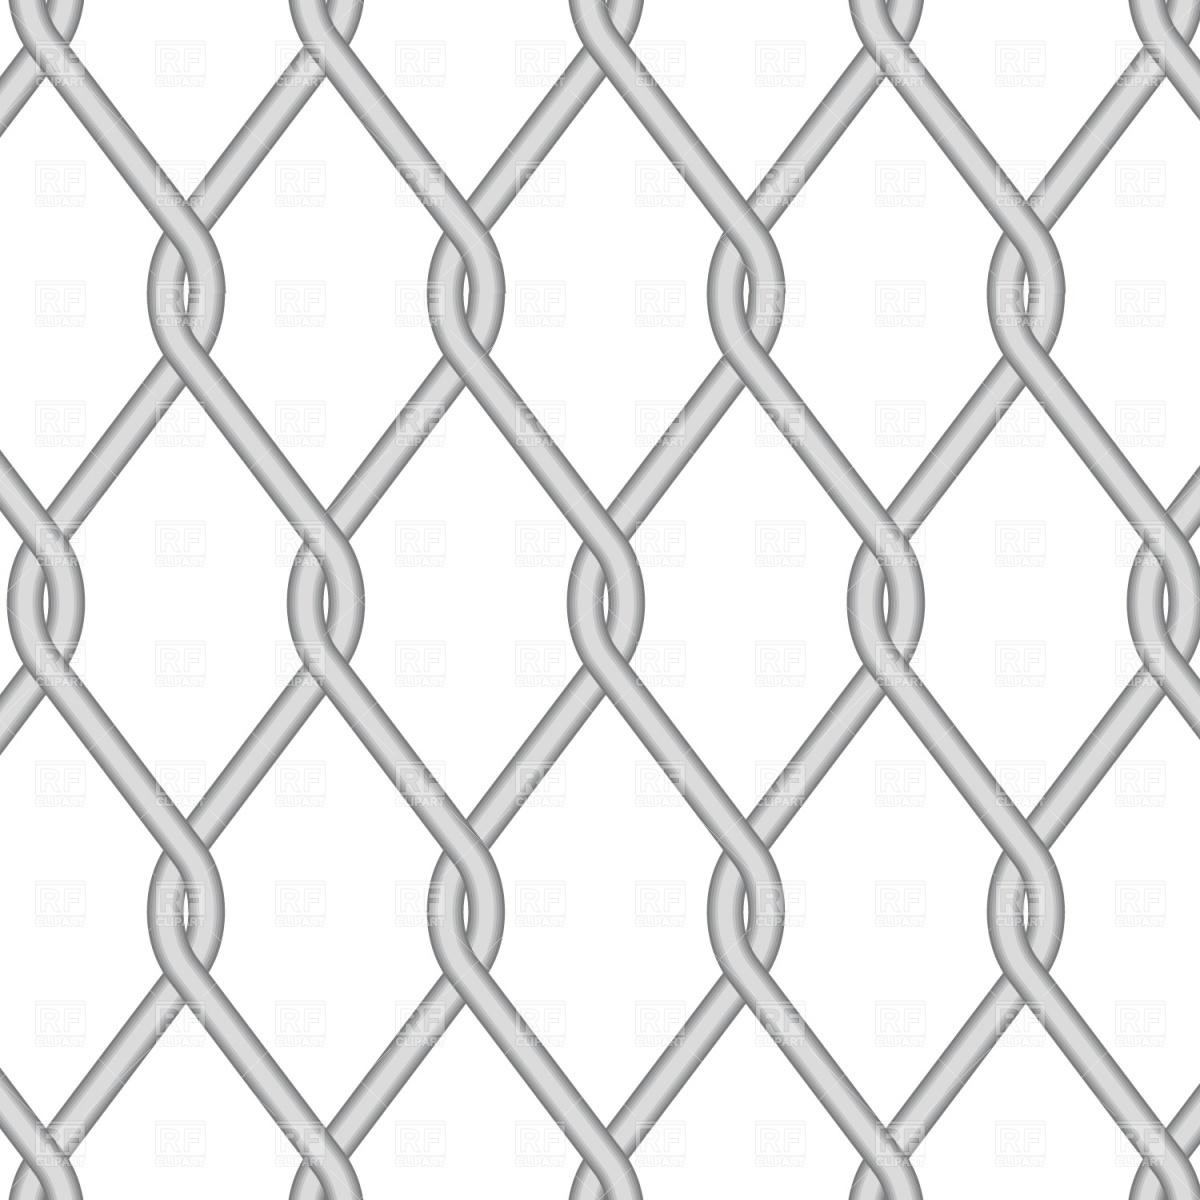 Wire Clip Art : Wire mesh clipart clipground